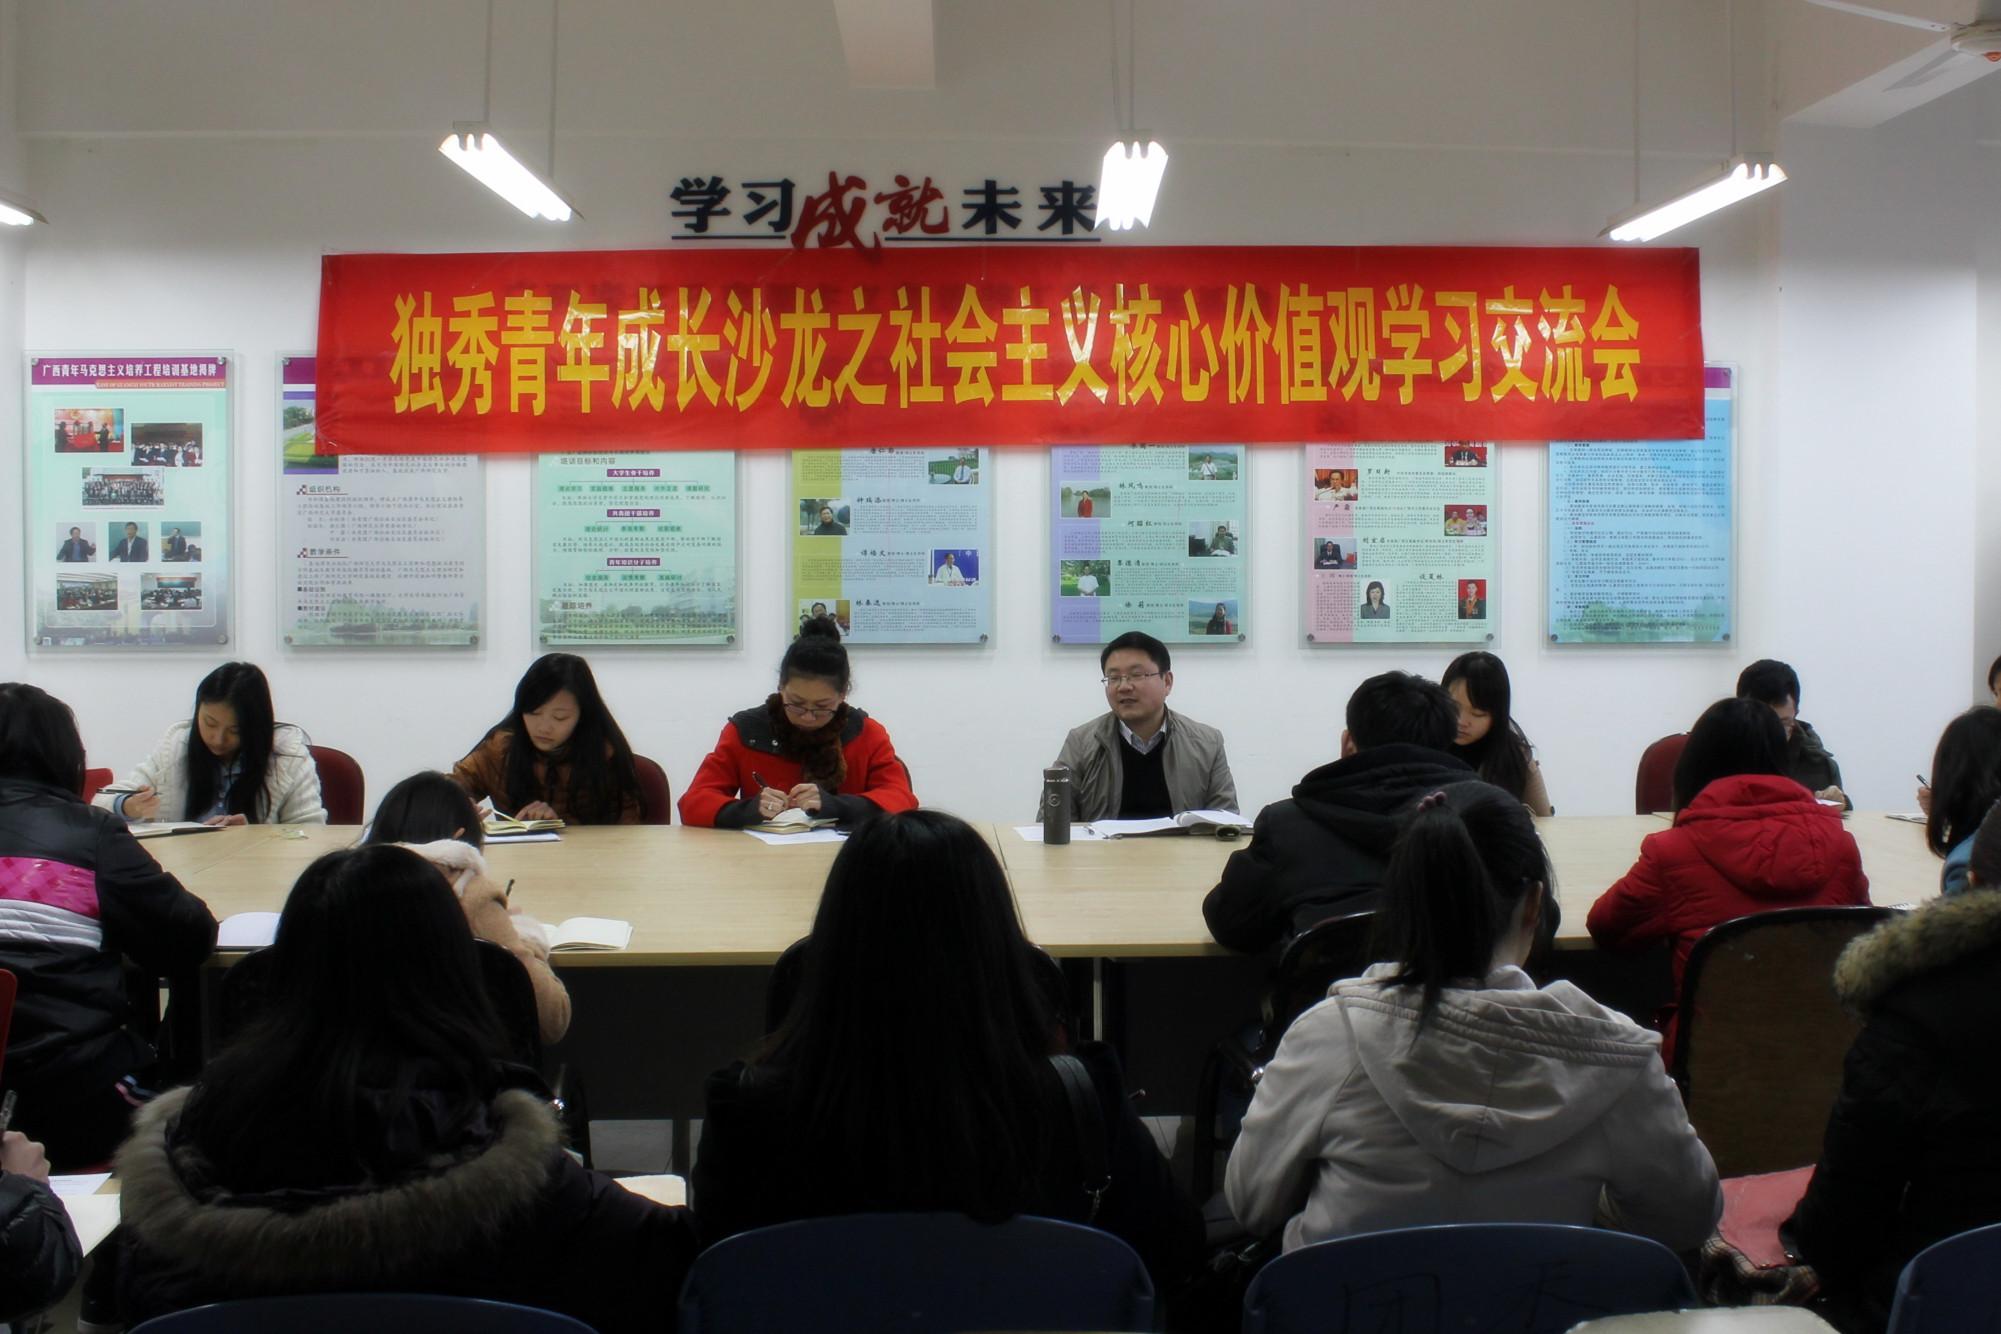 广西师范大学团委组织召开独秀青年成长沙龙学习交流